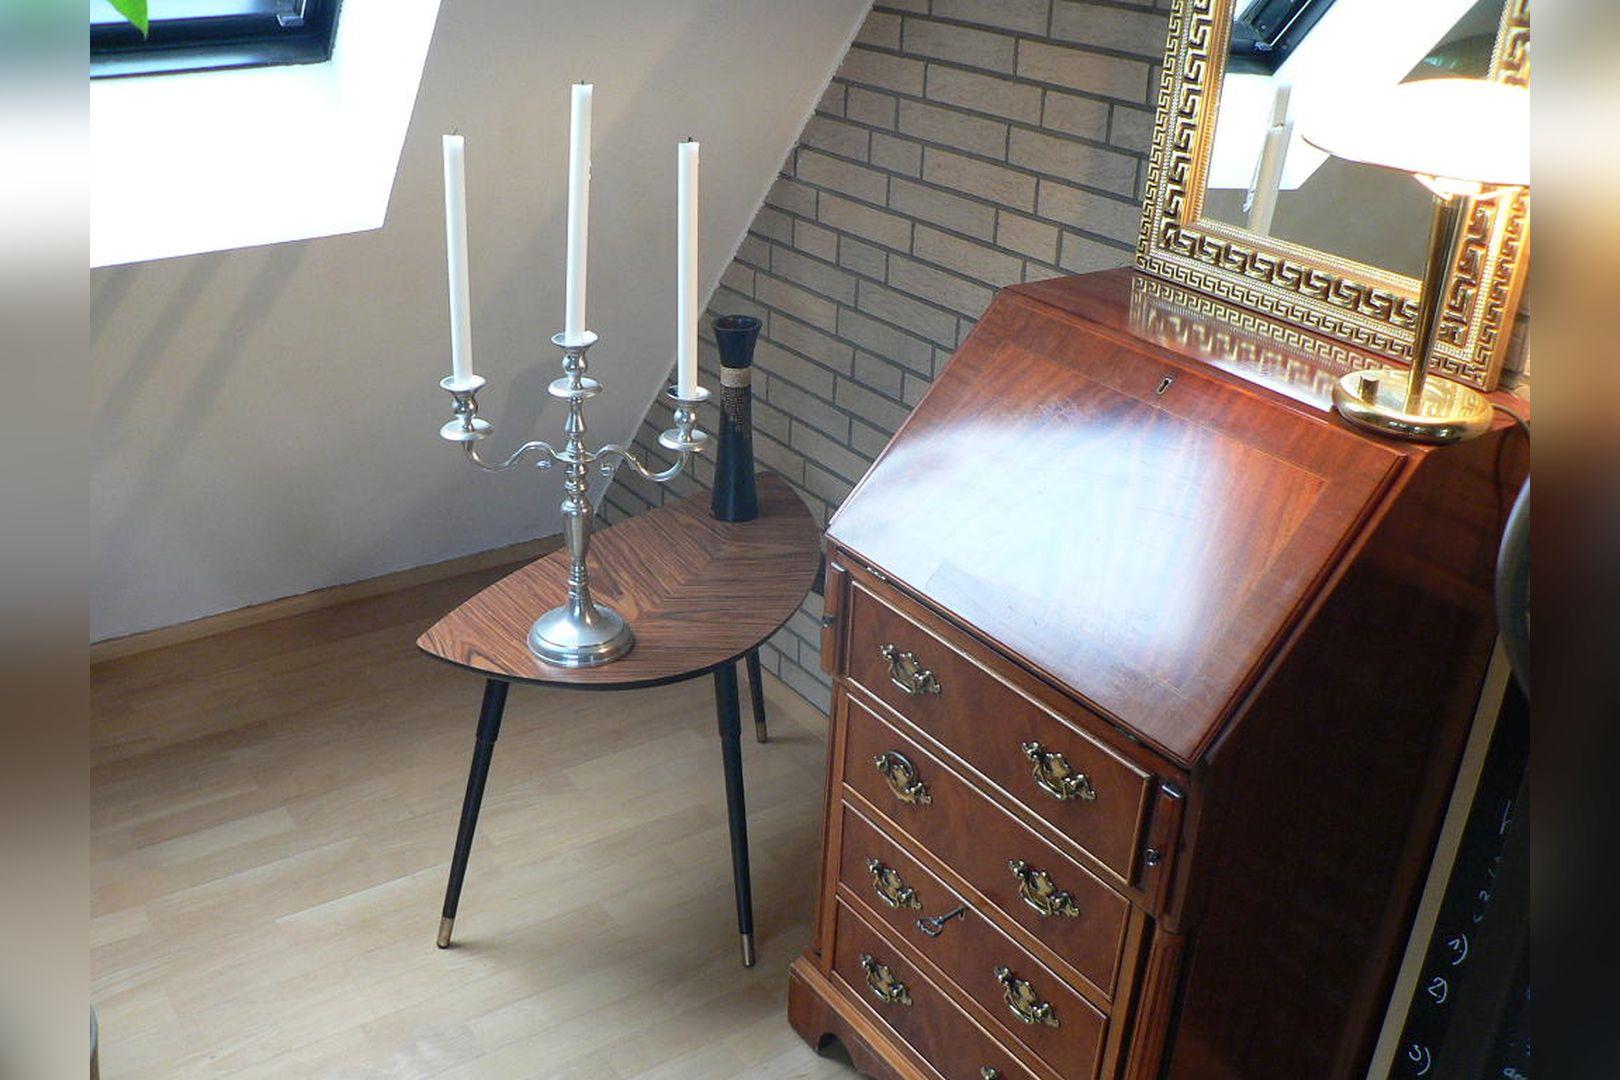 Immobilie Nr.0251 - Maisonette-Wohnung mit Galerie und großer Dachterrasse  - Bild 17.jpg